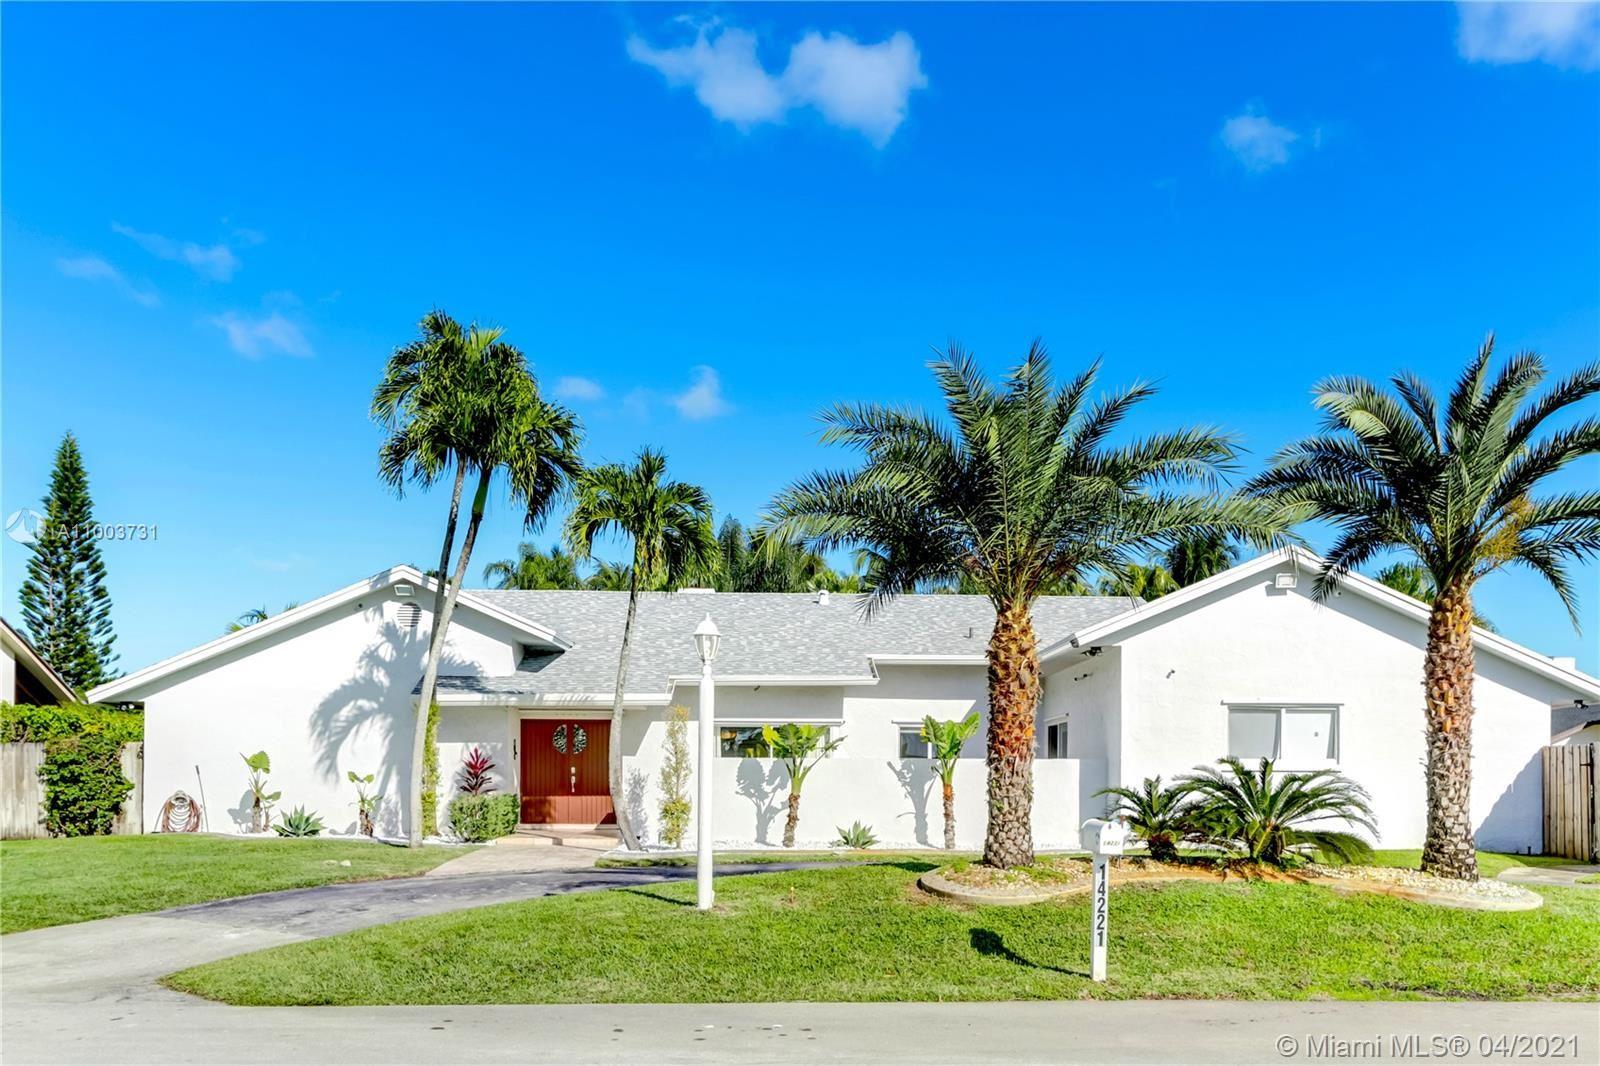 14221 SW 104th Ave, Miami, FL 33176 - #: A11003731